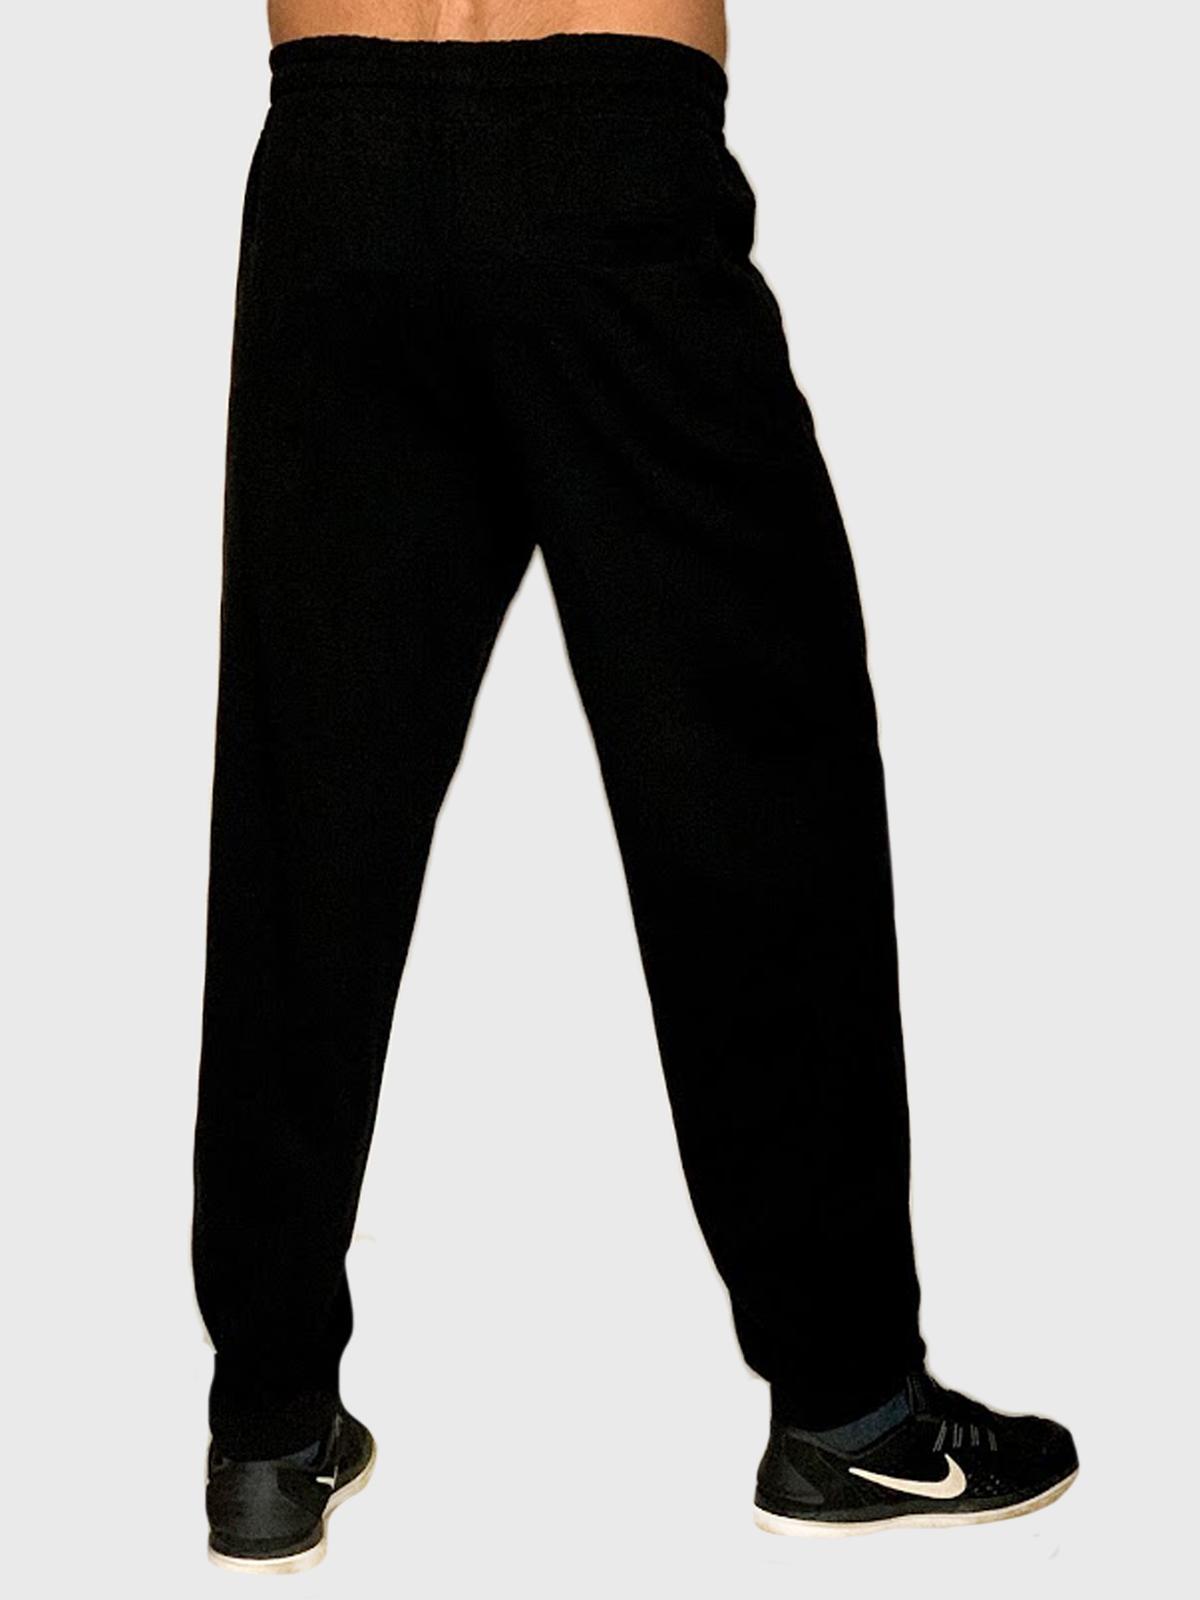 Недорого купить мужские штаны черного цвета с манжетами